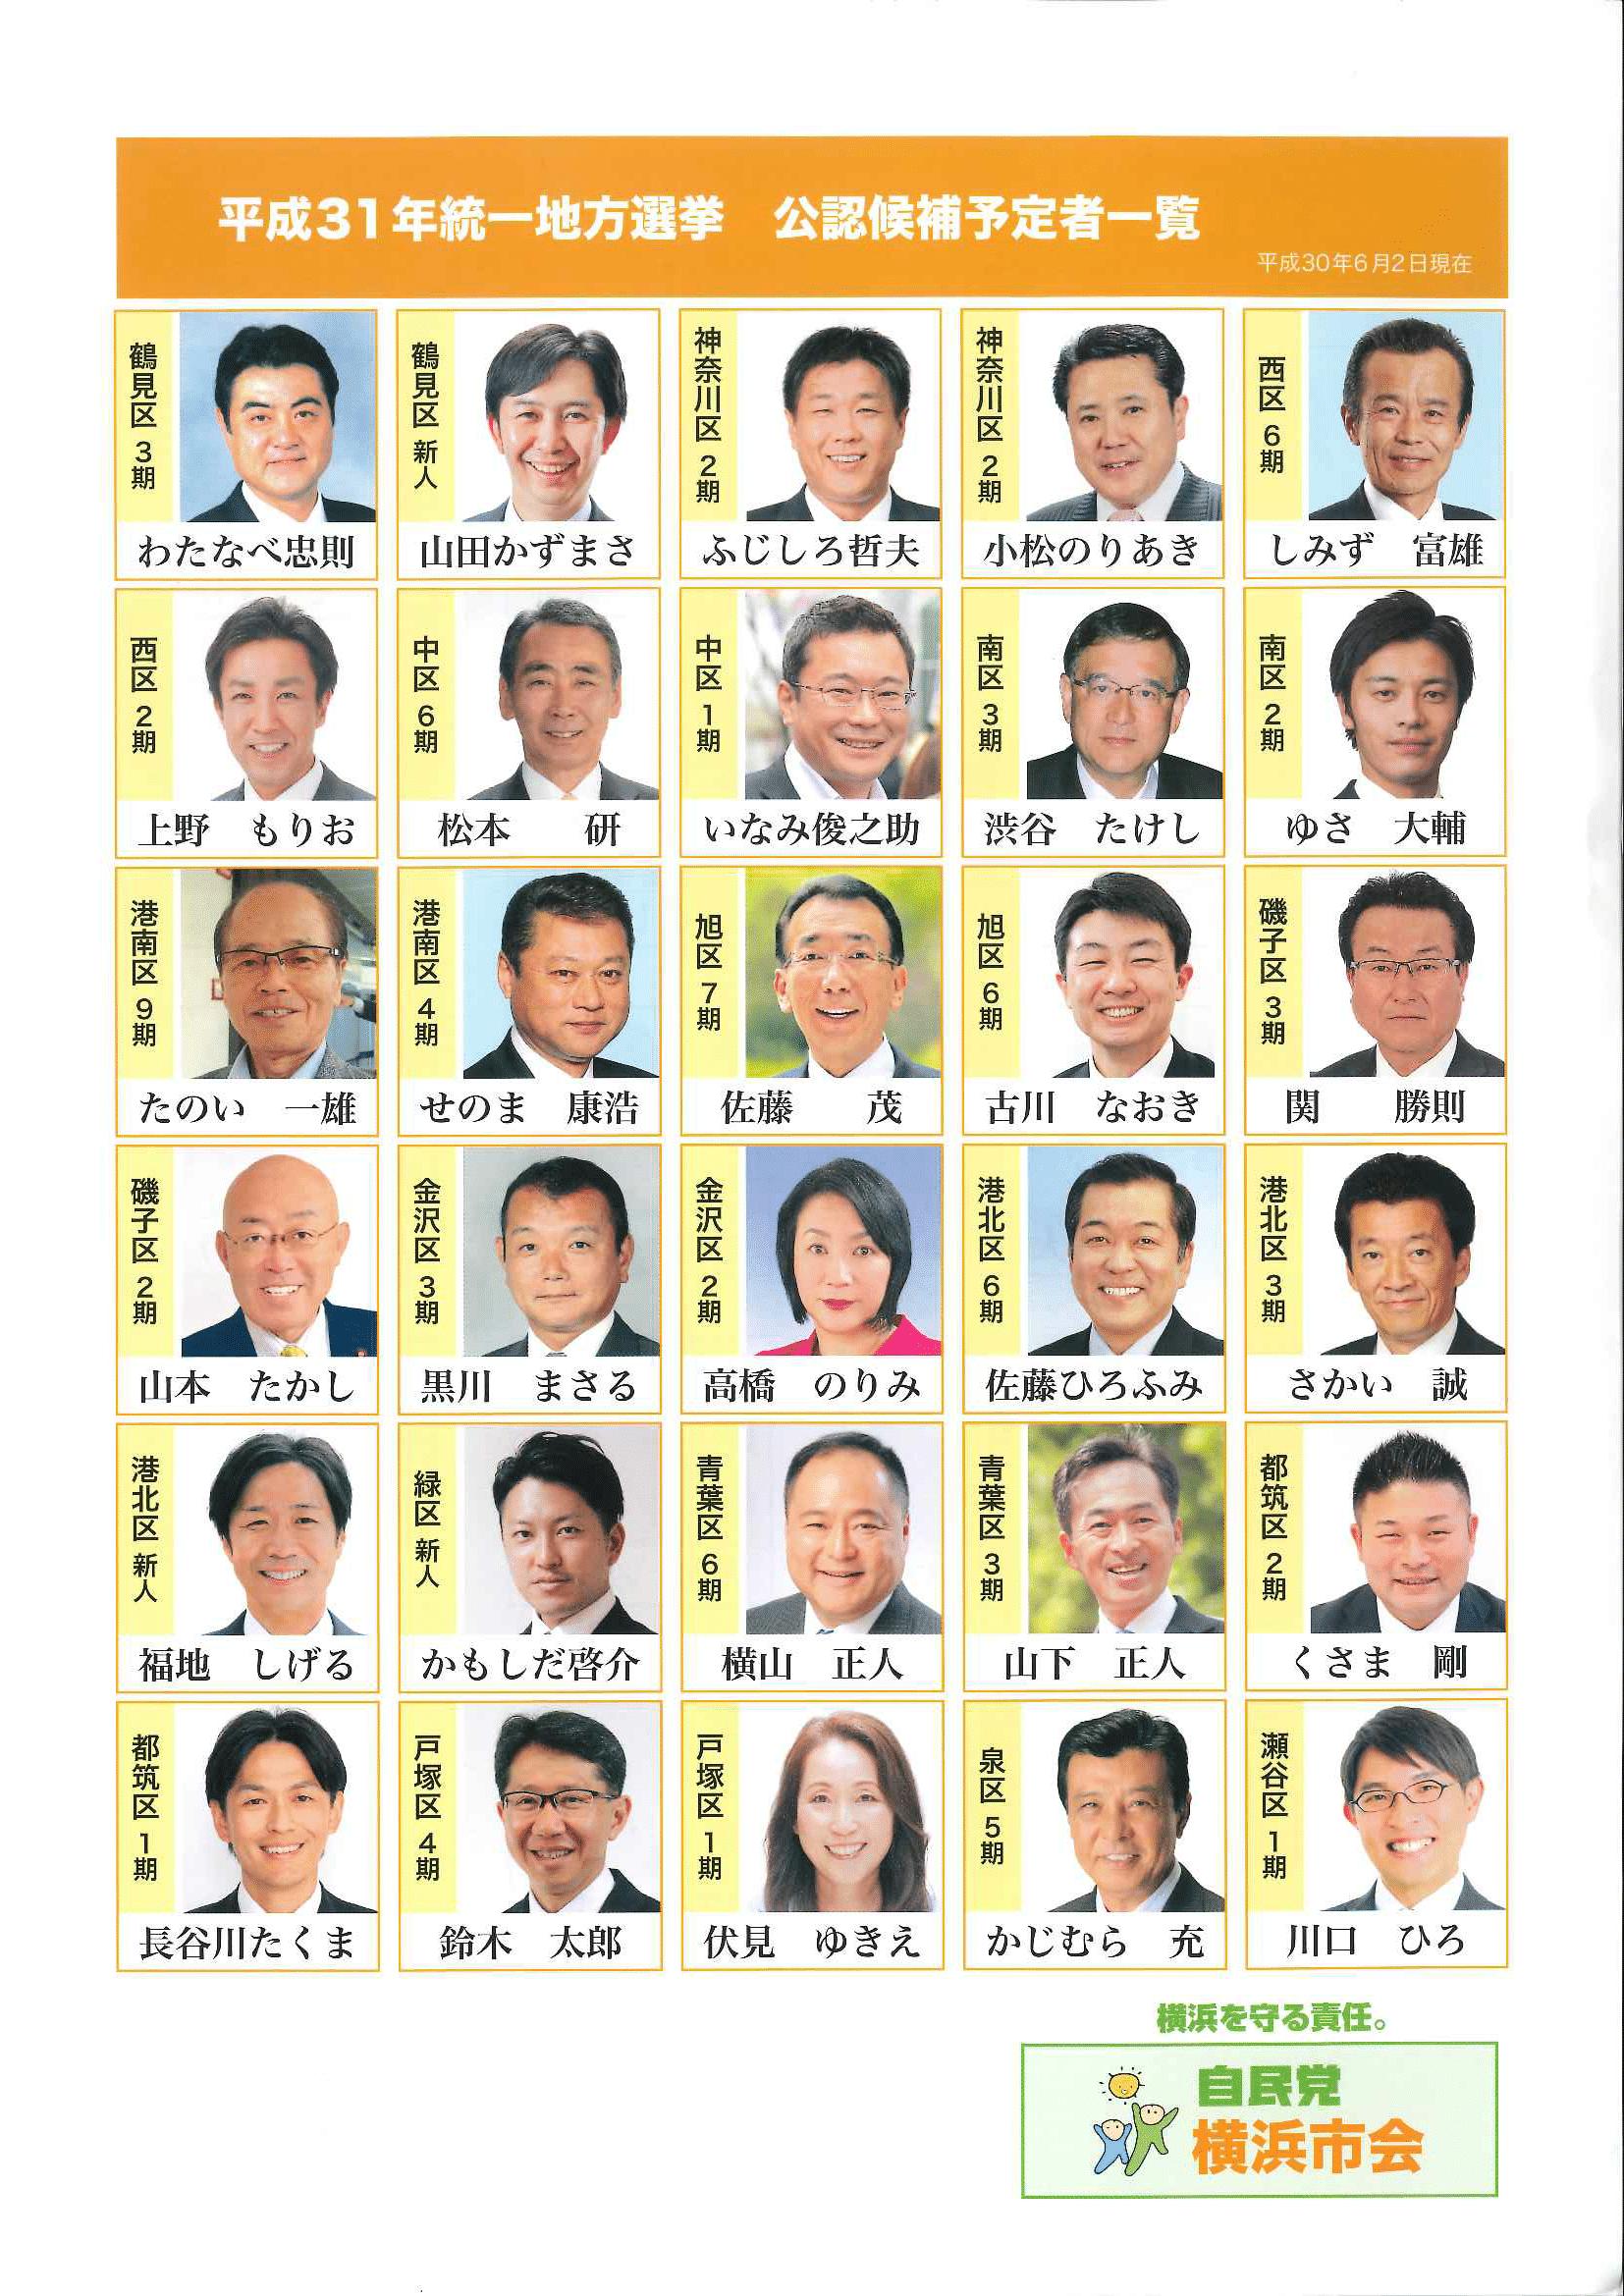 神奈川 県 参議院 選挙 2019 候補 者